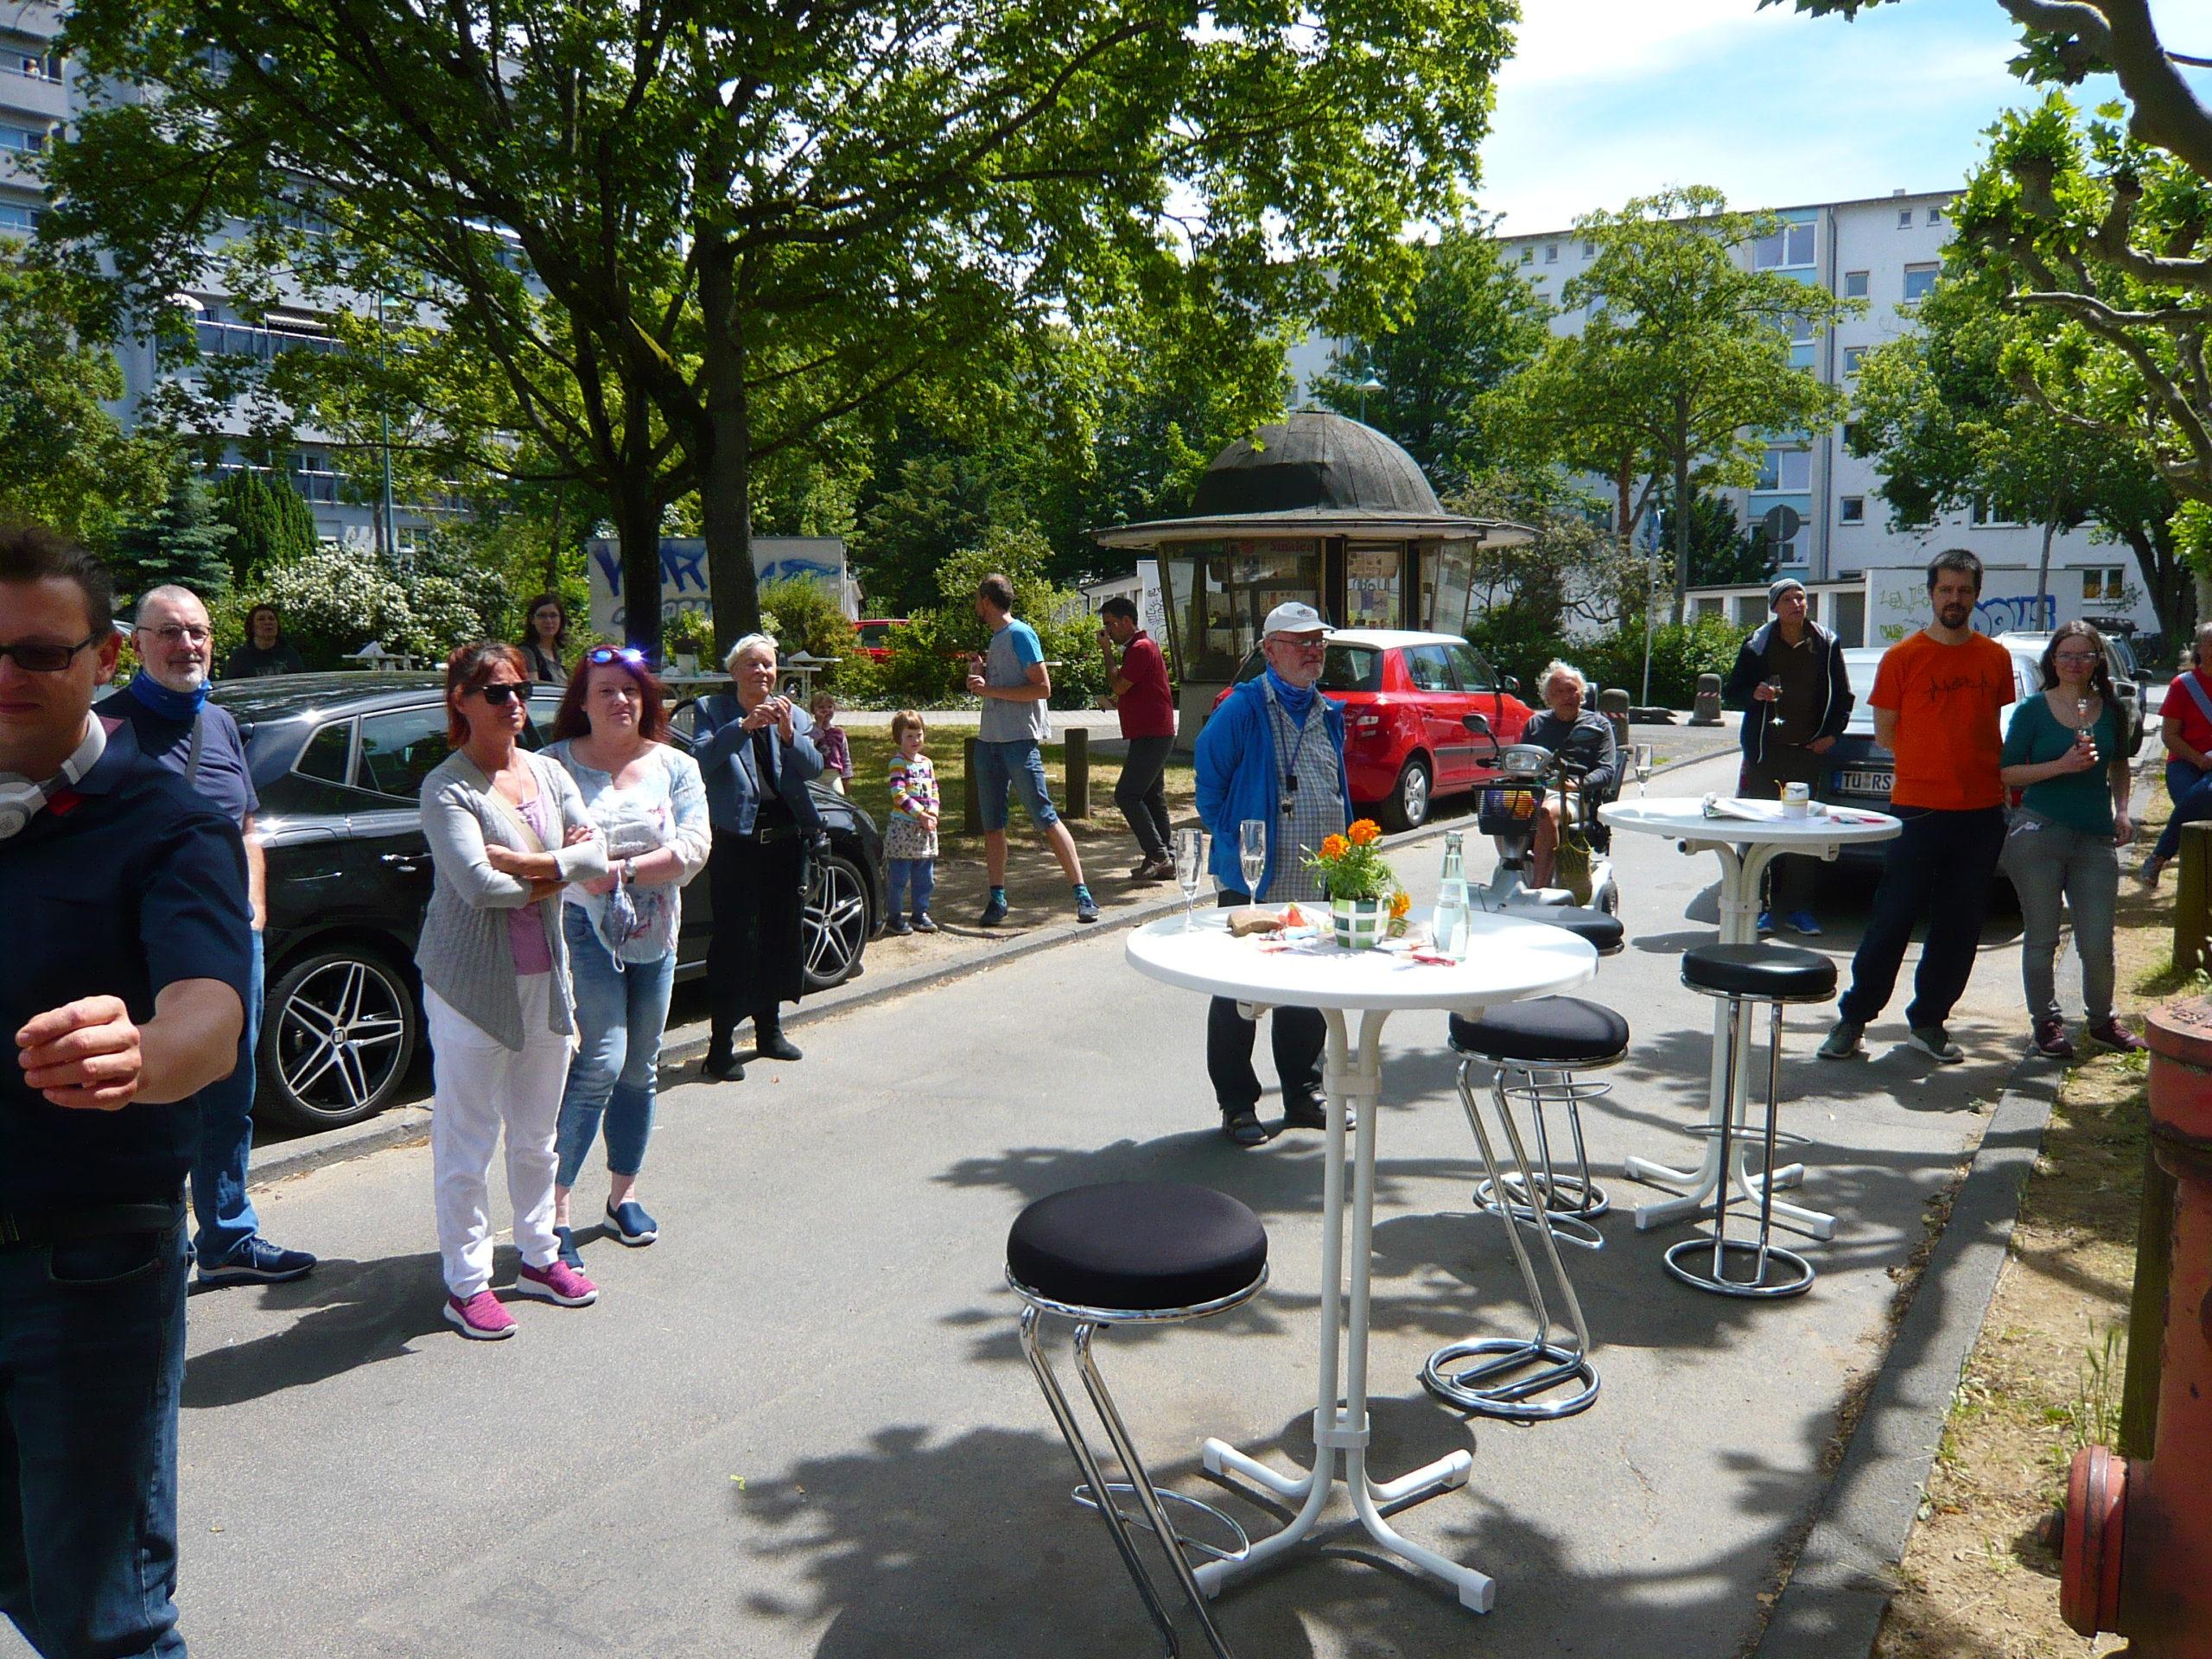 Umsonstladen: Schöne Eröffnungsfeier setzt den Startpunkt des Herzblut-Projekts